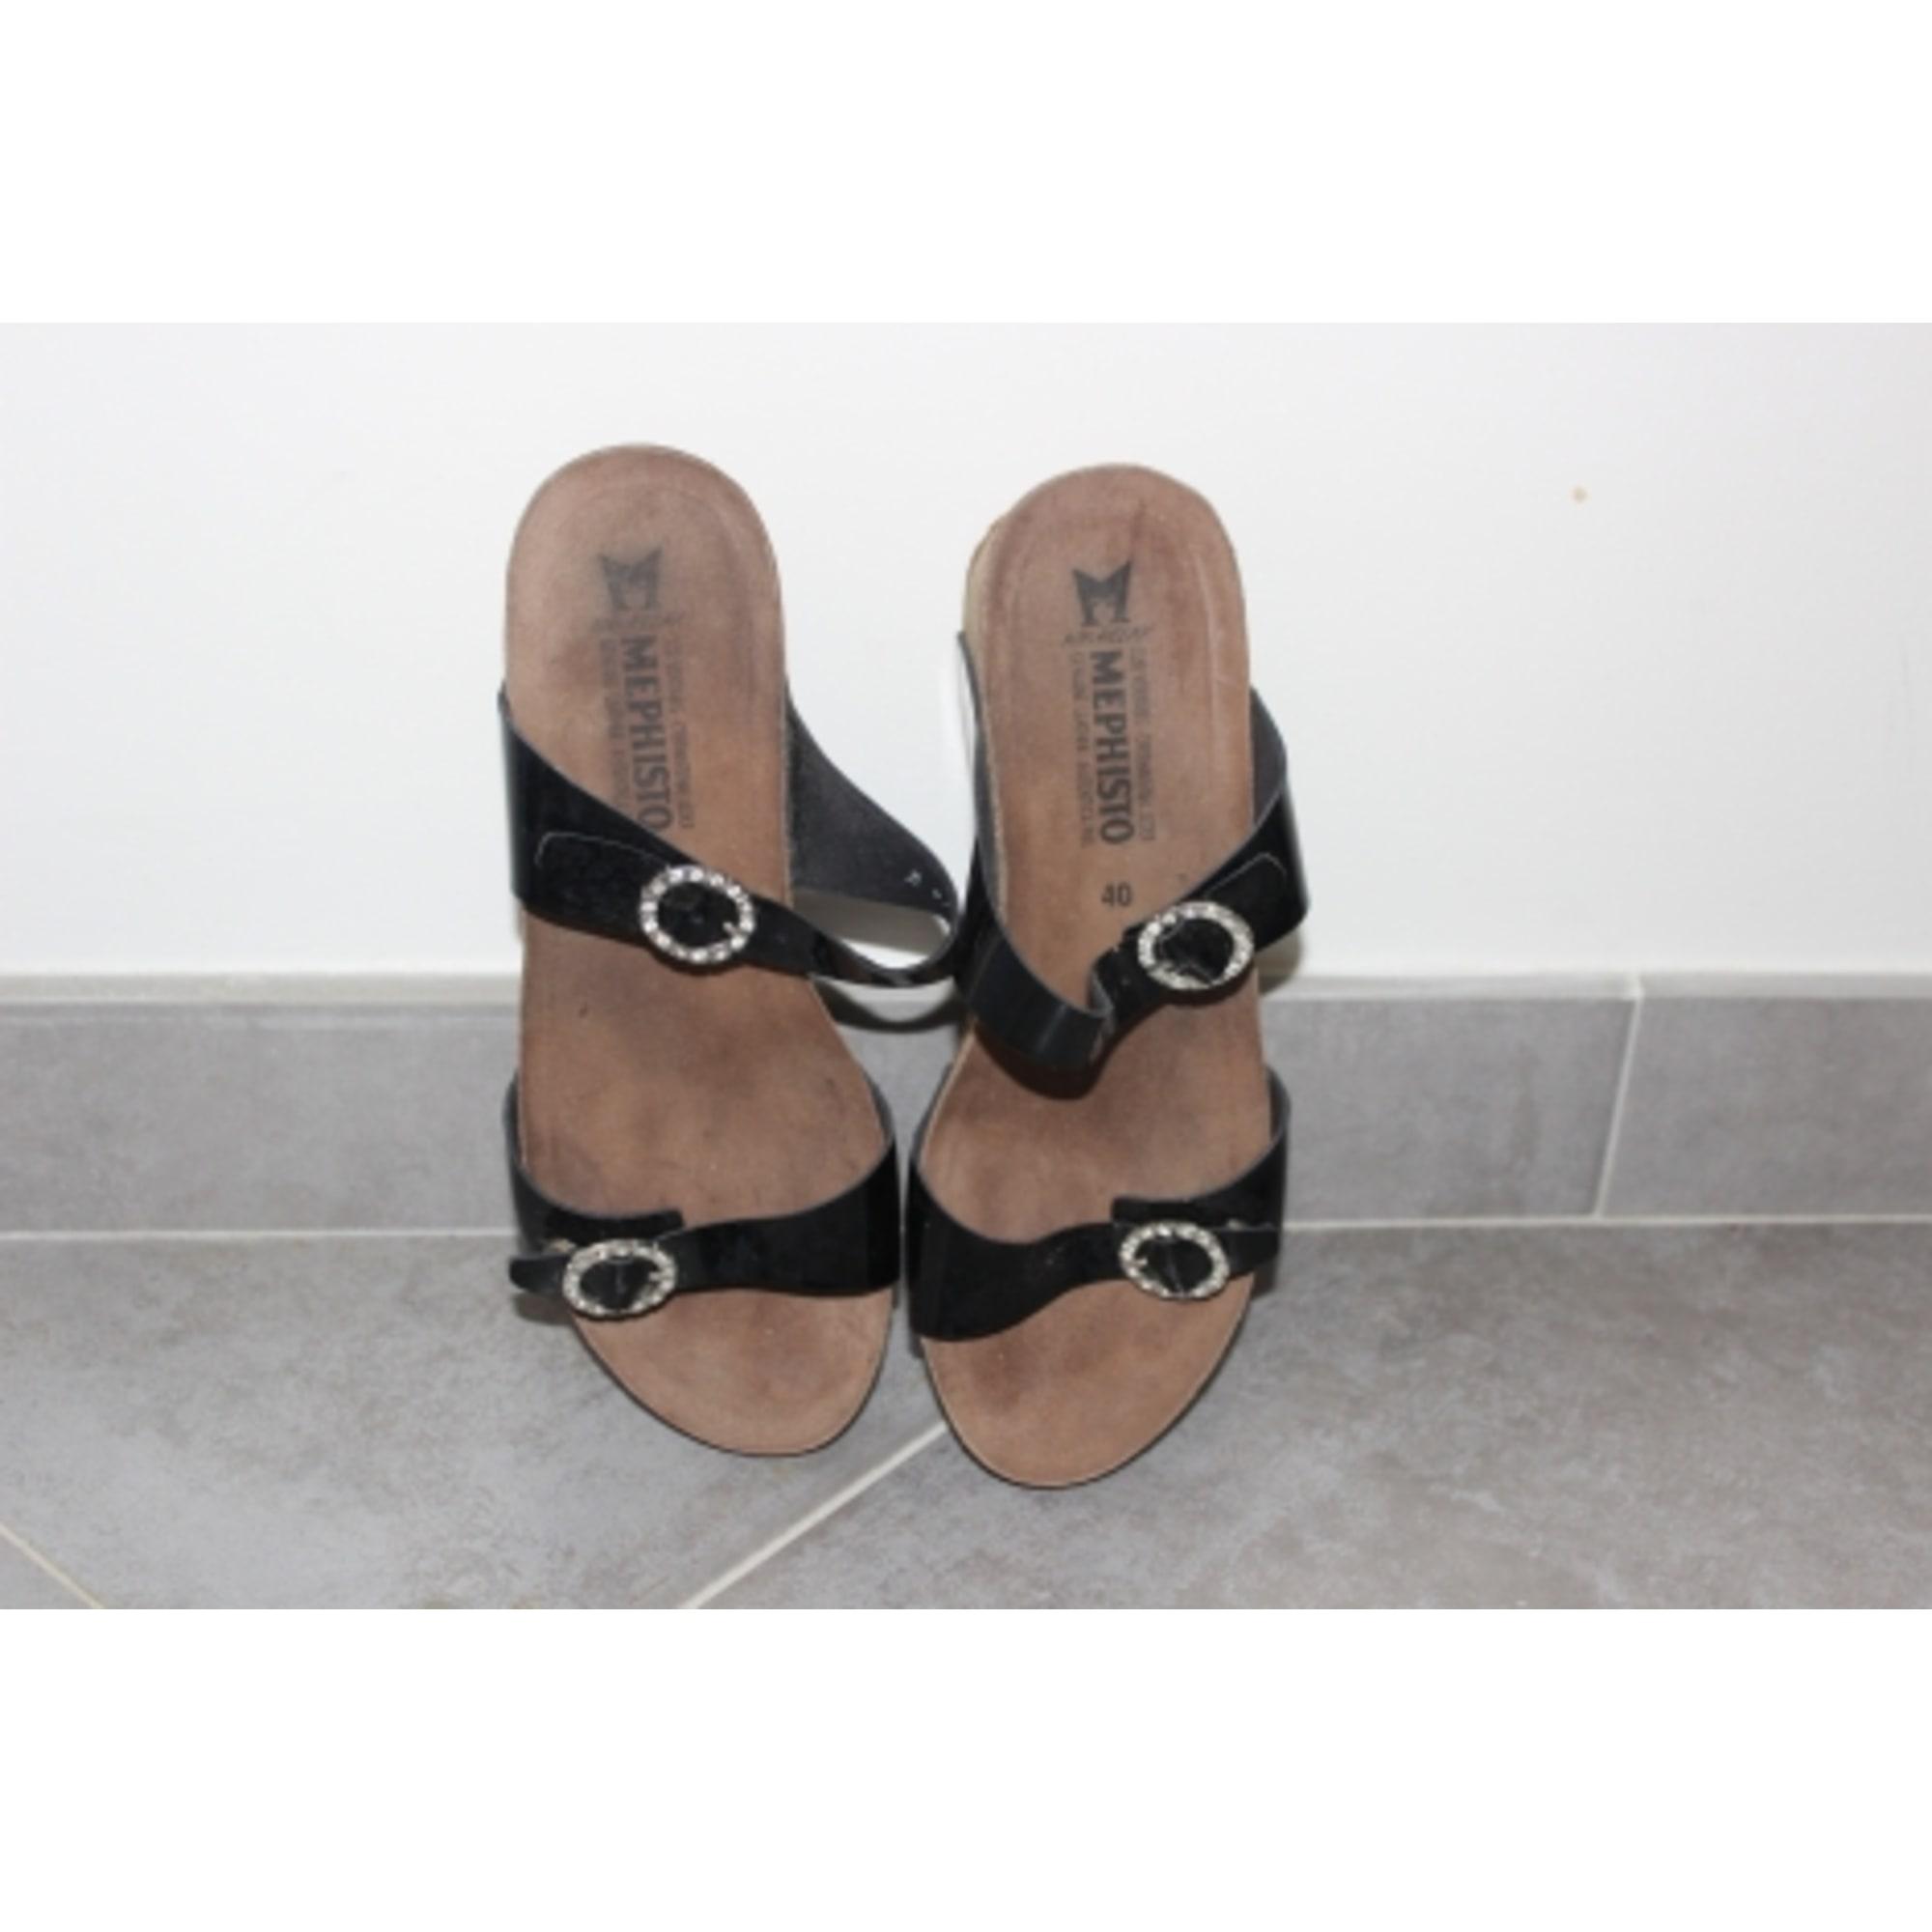 d5d8e7c026b570 Sandales compensées MEPHISTO 40 marron vendu par Mhysa06 - 6206915